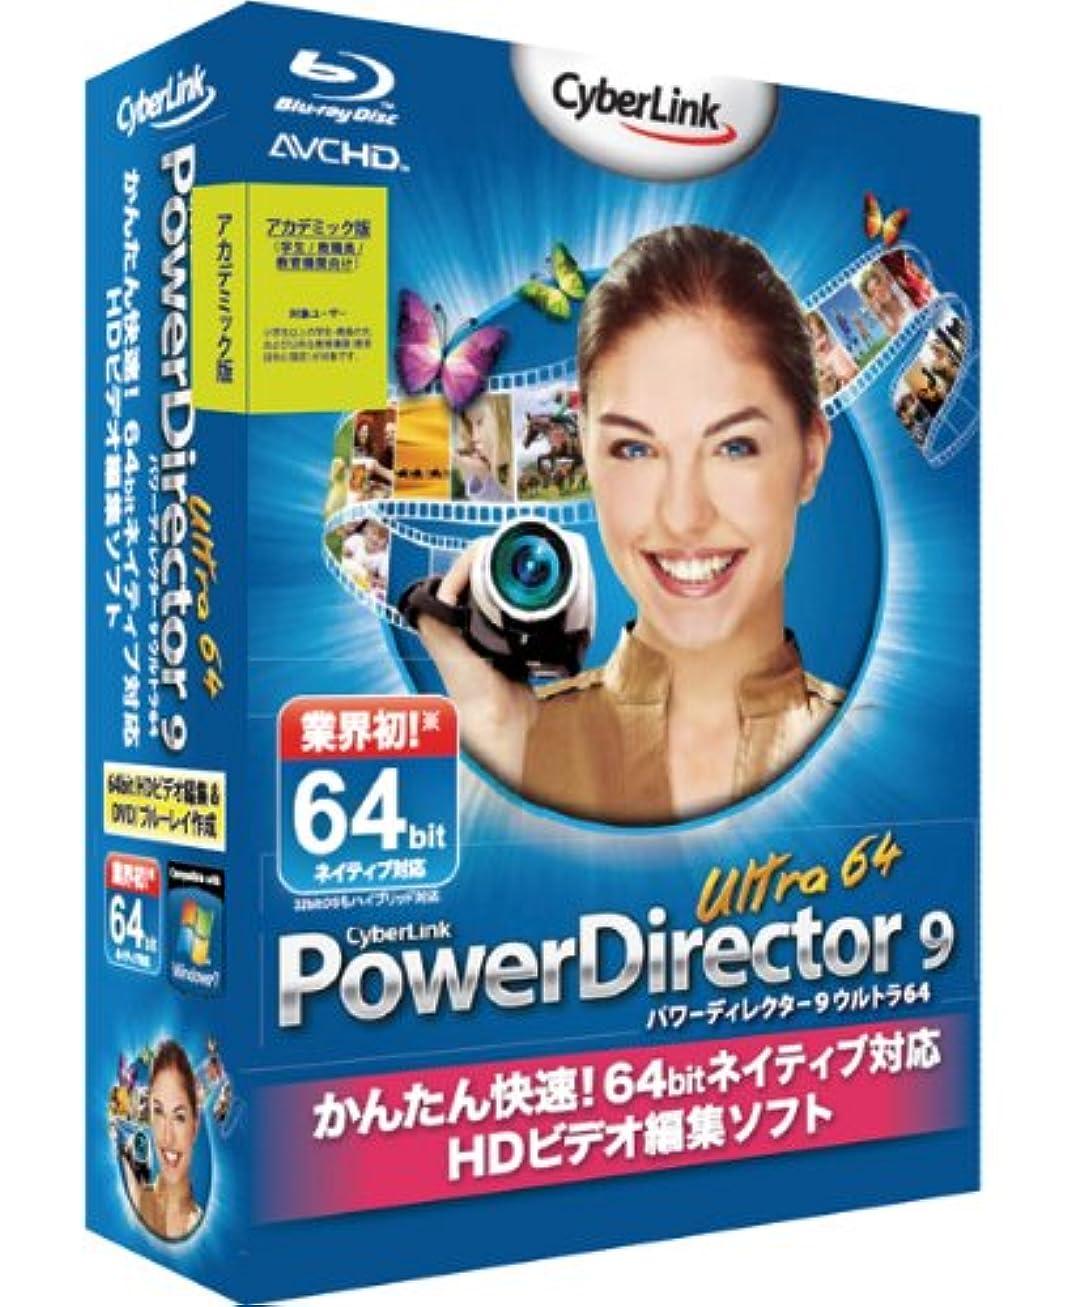 活発意味する荒れ地PowerDirector9 Ultra64 アカデミック版